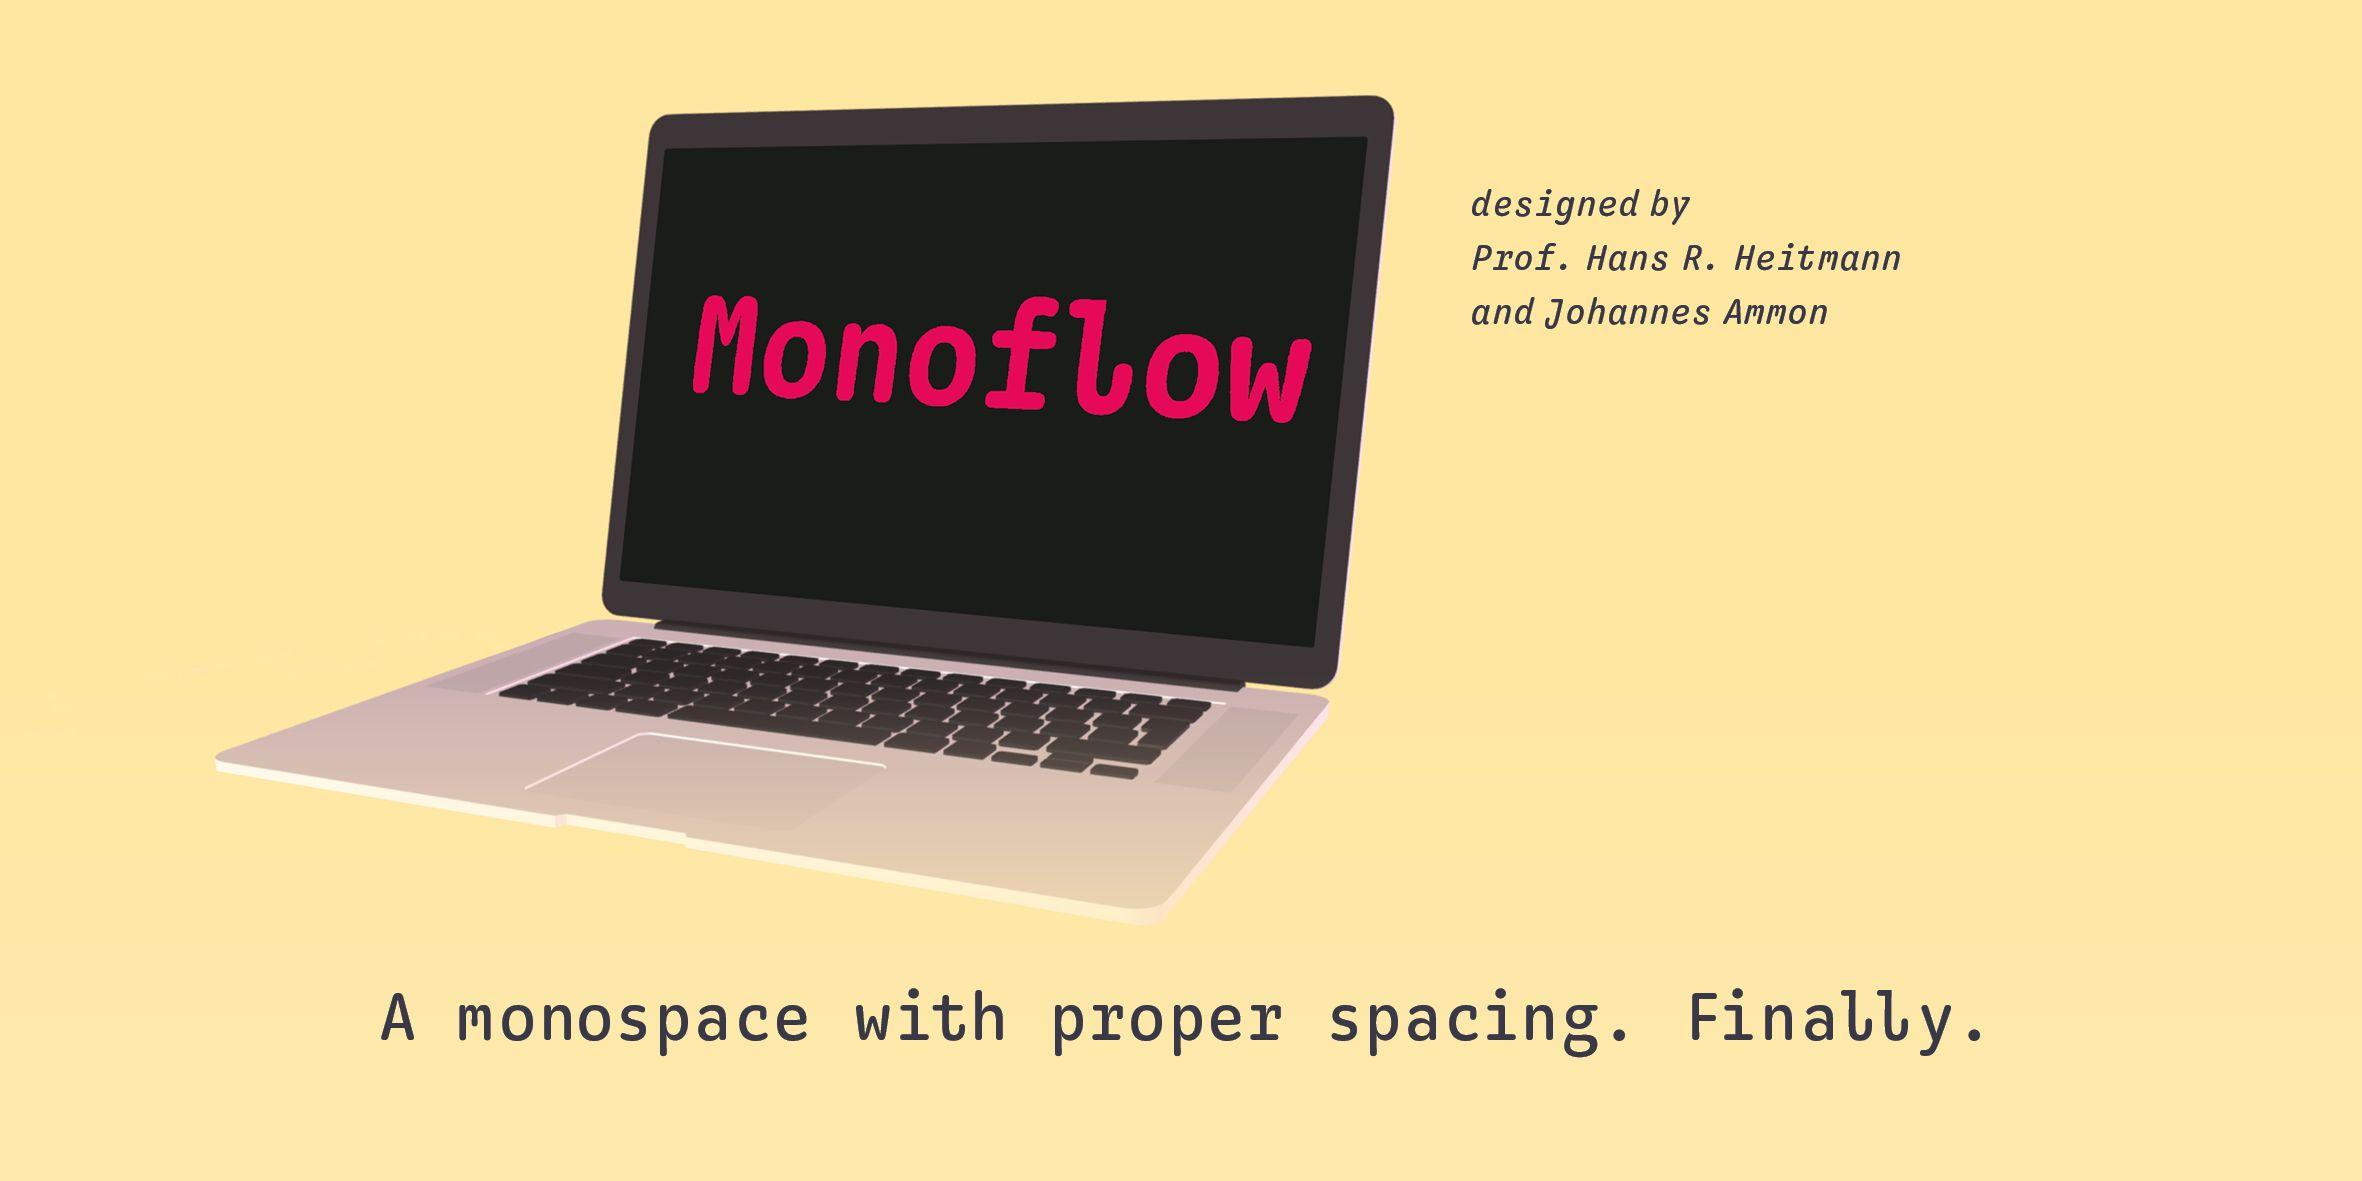 Monoflow Poster: Deckblatt mit Illustration und Claim: